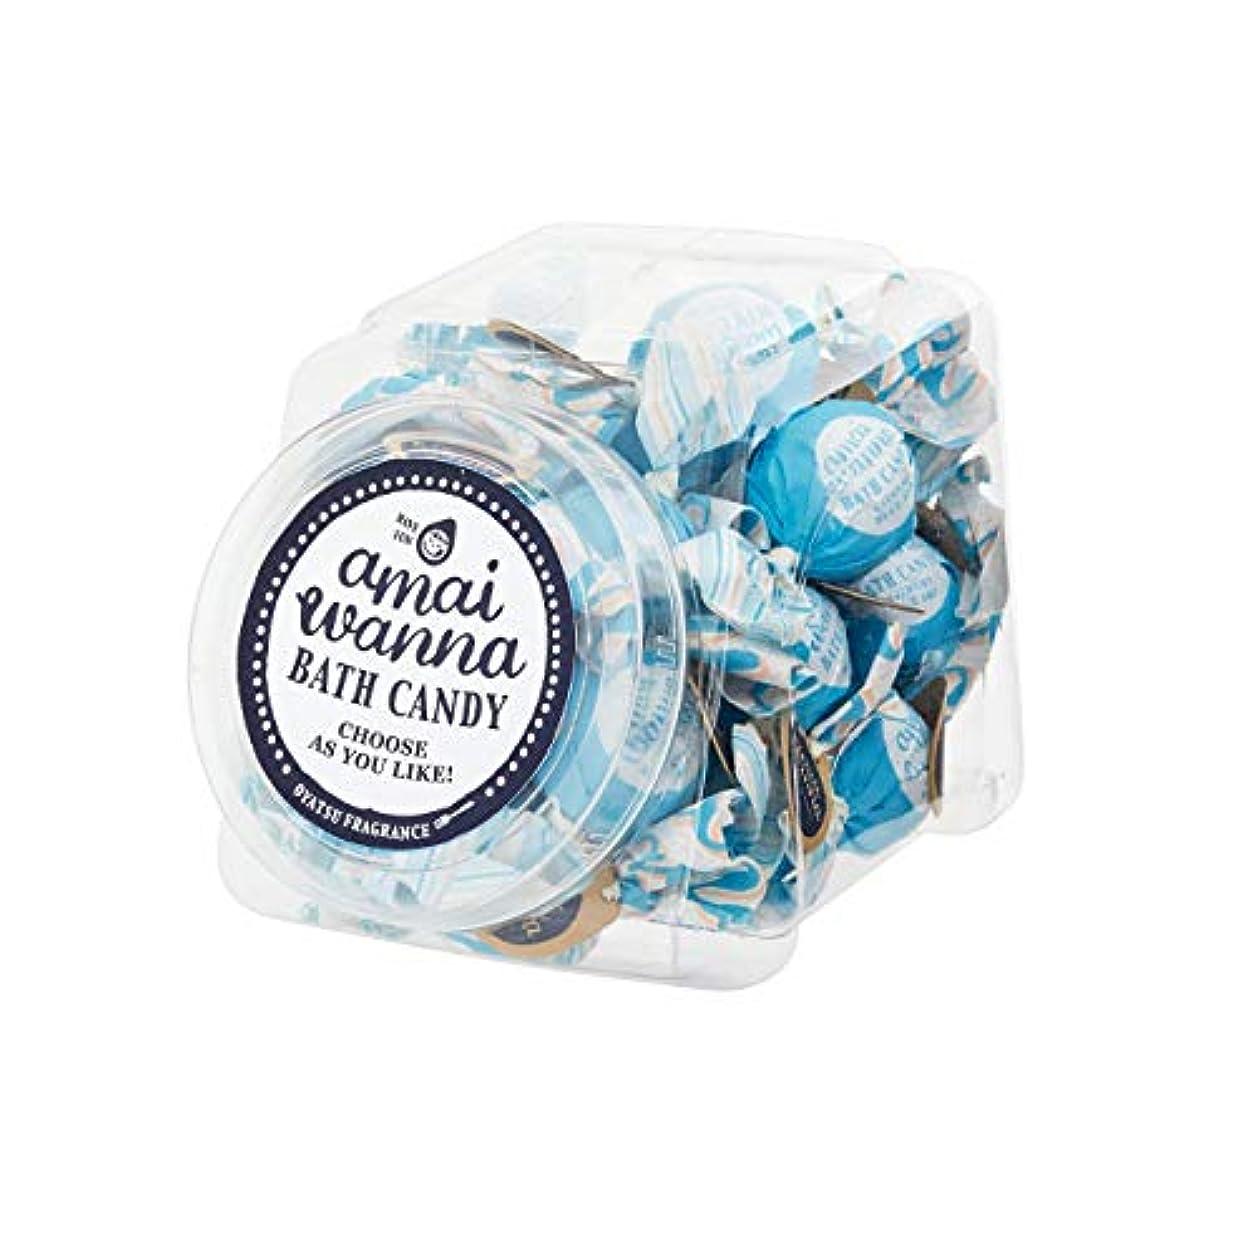 比喩許可する全体にアマイワナSP バスキャンディーポットセット24粒入り(青空シトラス バスギフト キャンディーの形の入浴料 大人可愛い)